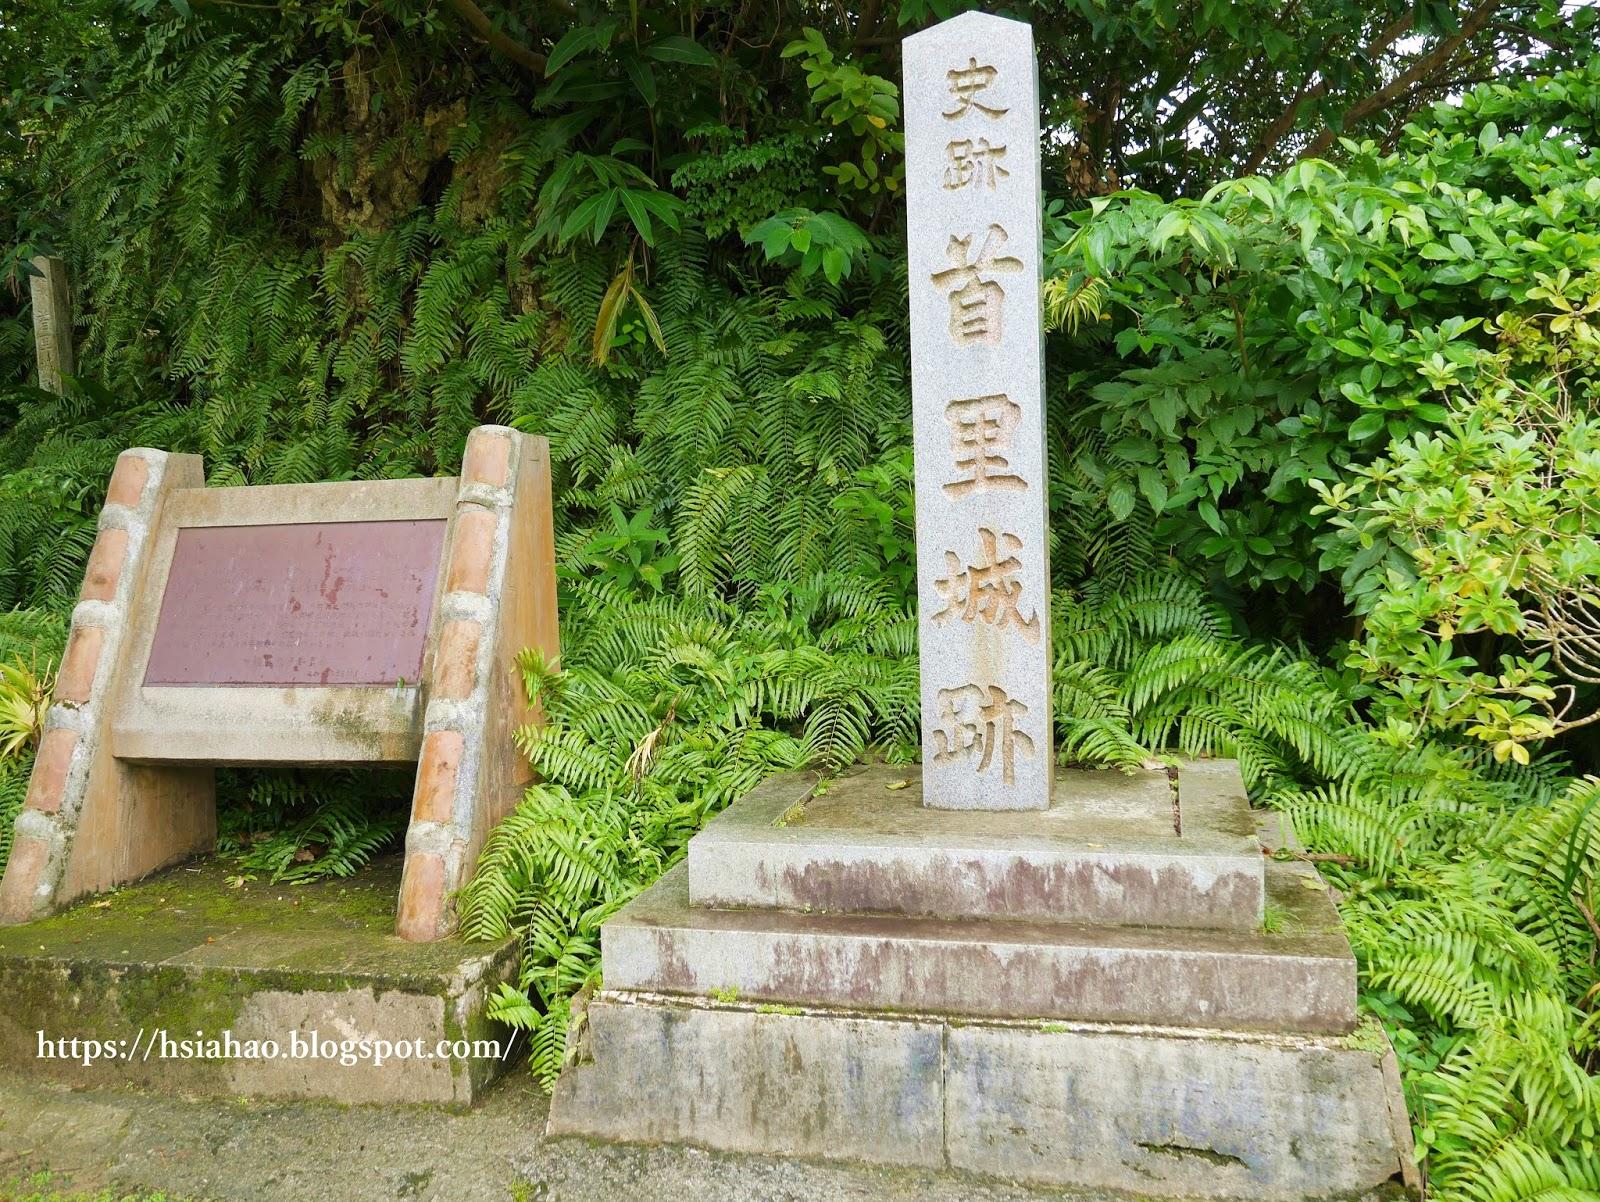 沖繩-景點-世界遺產-首里城-自由行-旅遊-旅行-Okinawa-Naha-Shuri-Castle